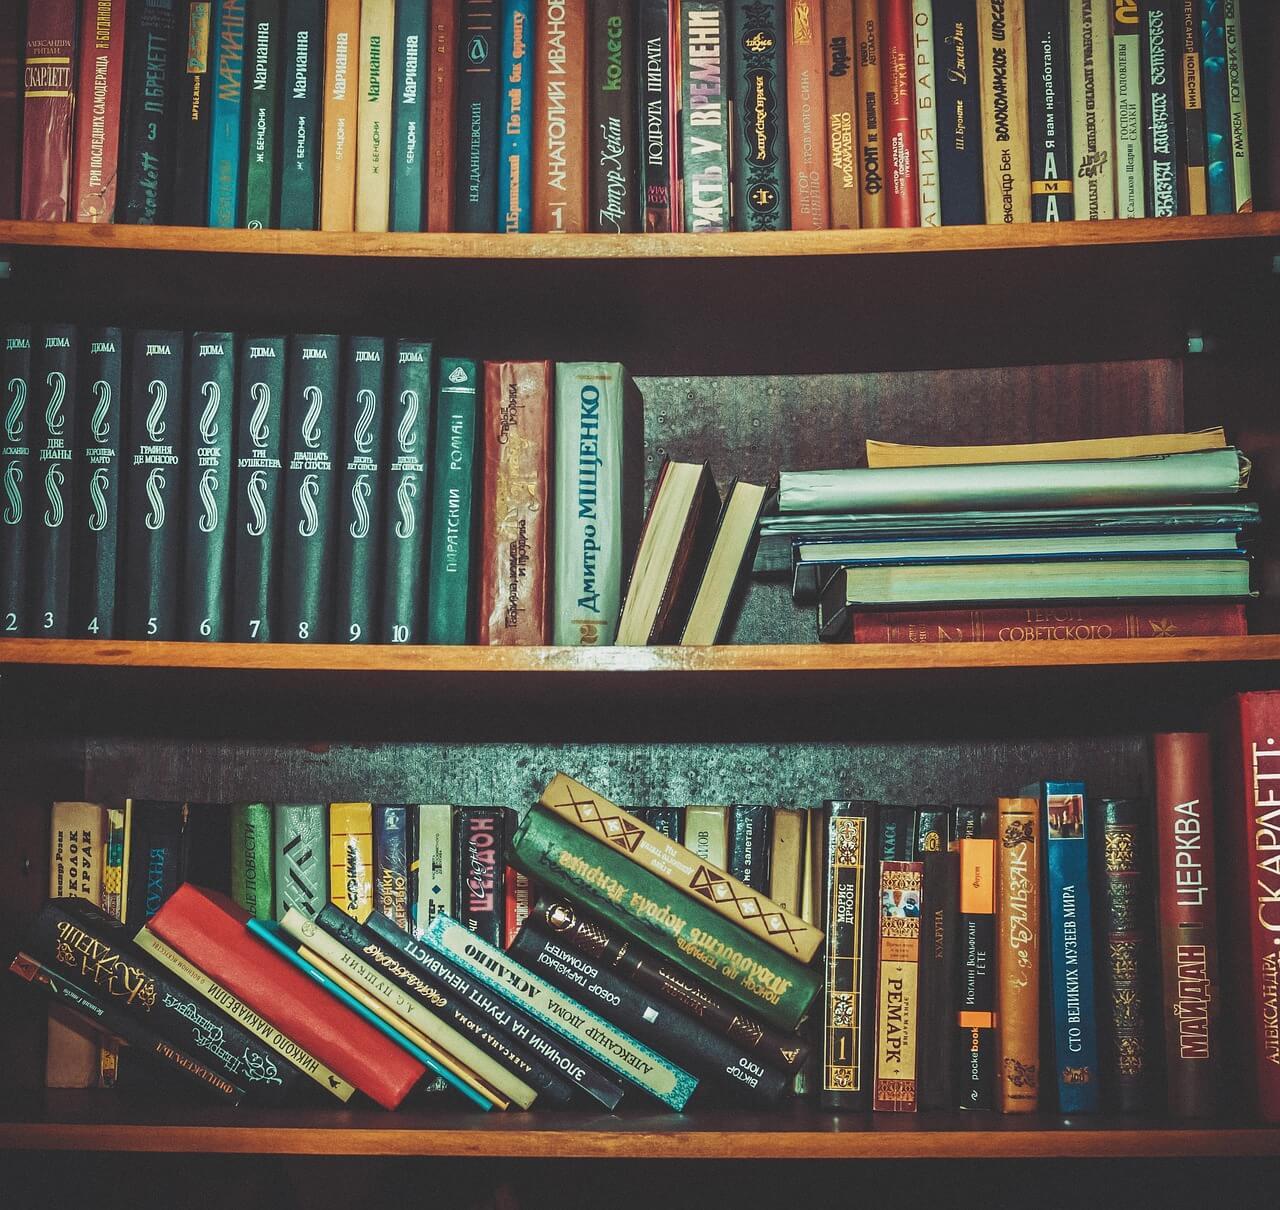 Istraživanje koje smo proveli pokazuje da su lektire ipak bitne, iako ih baš ne volite čitati